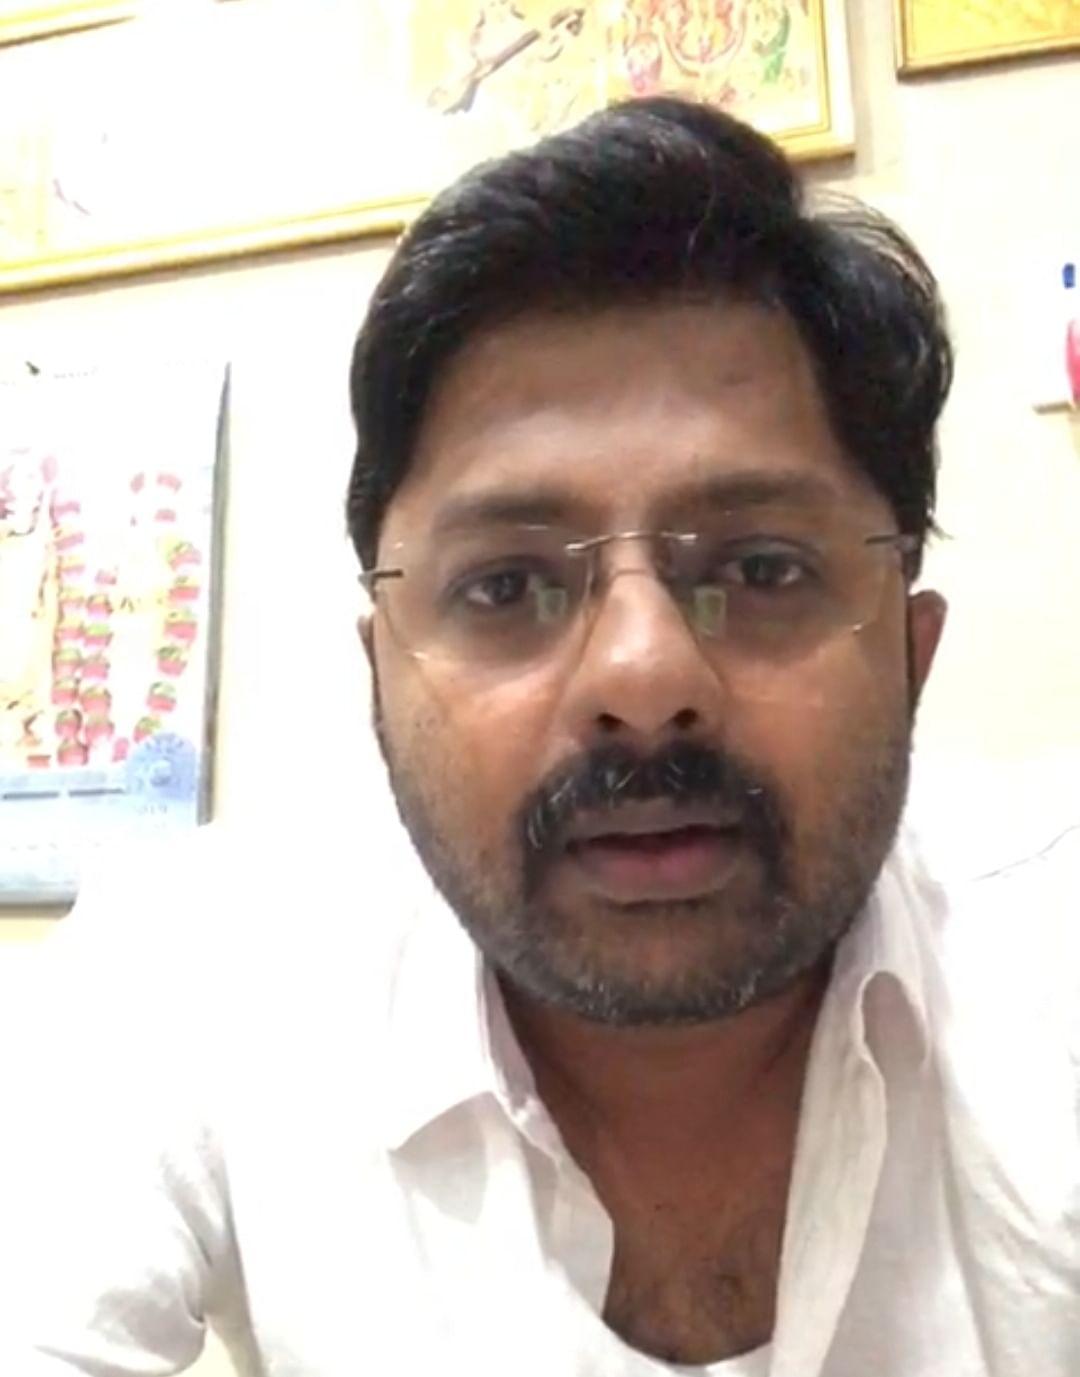 ஹோட்டல் உரிமையாளர் தினேஷ்குமார்